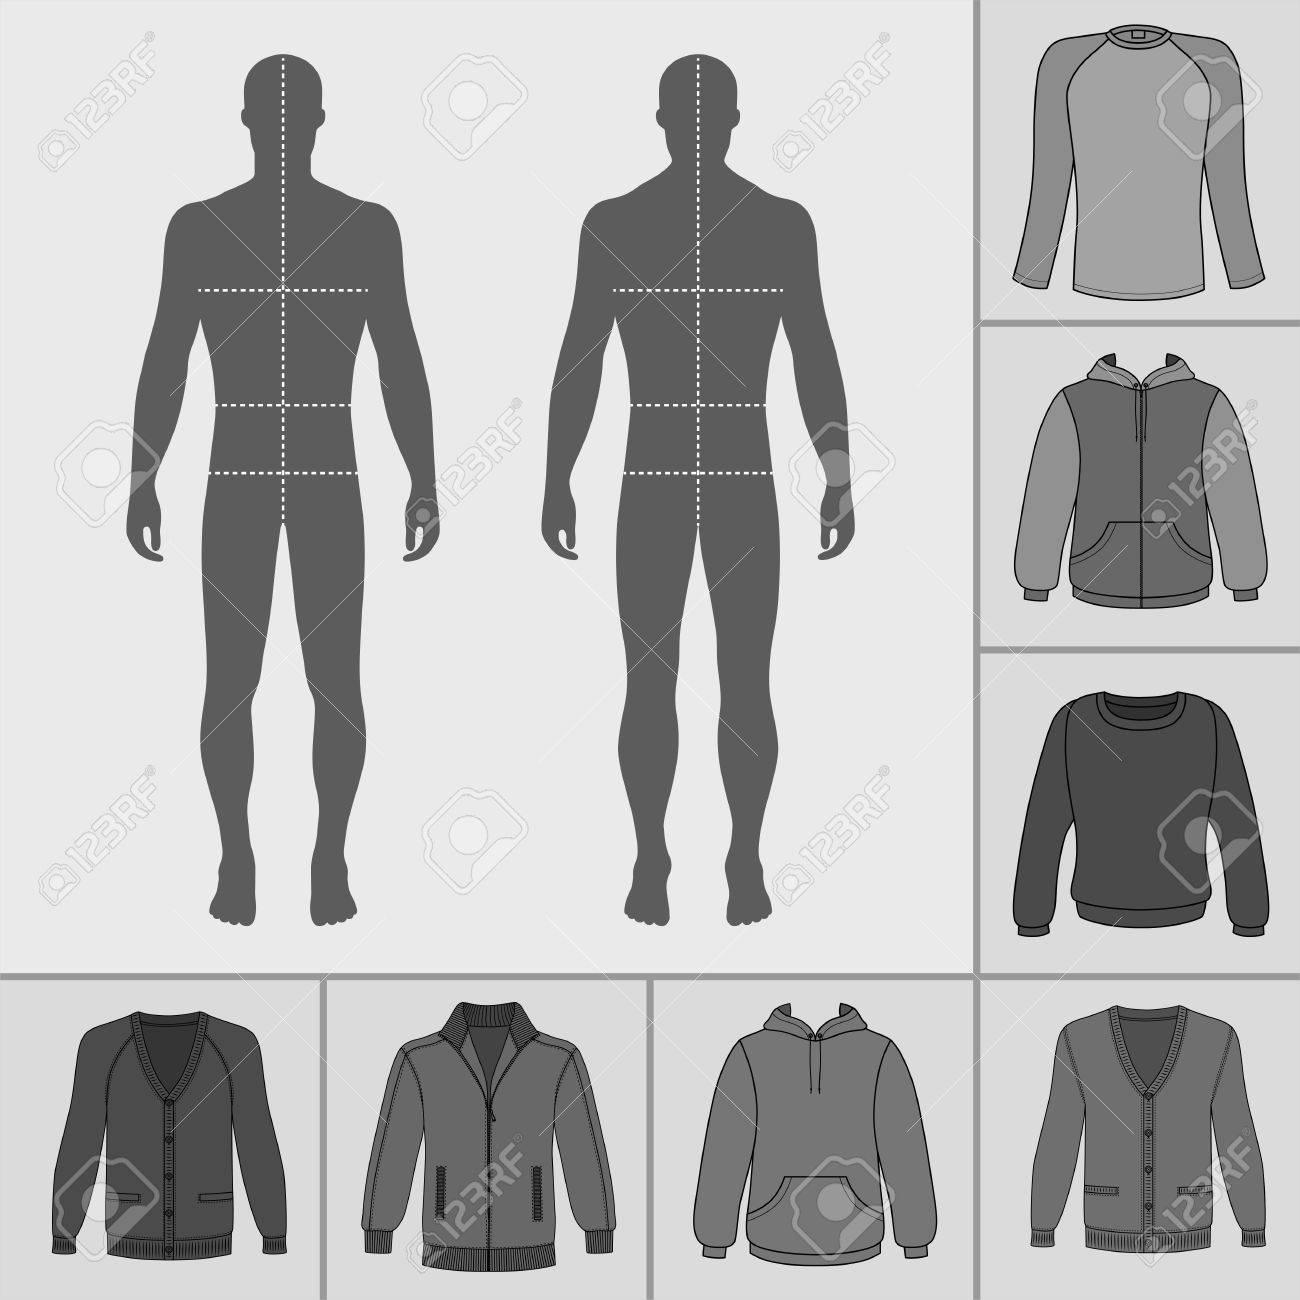 Herrenbekleidung Skizziert Template-Set (Pullover, Hoodie, Jacke Mit ...